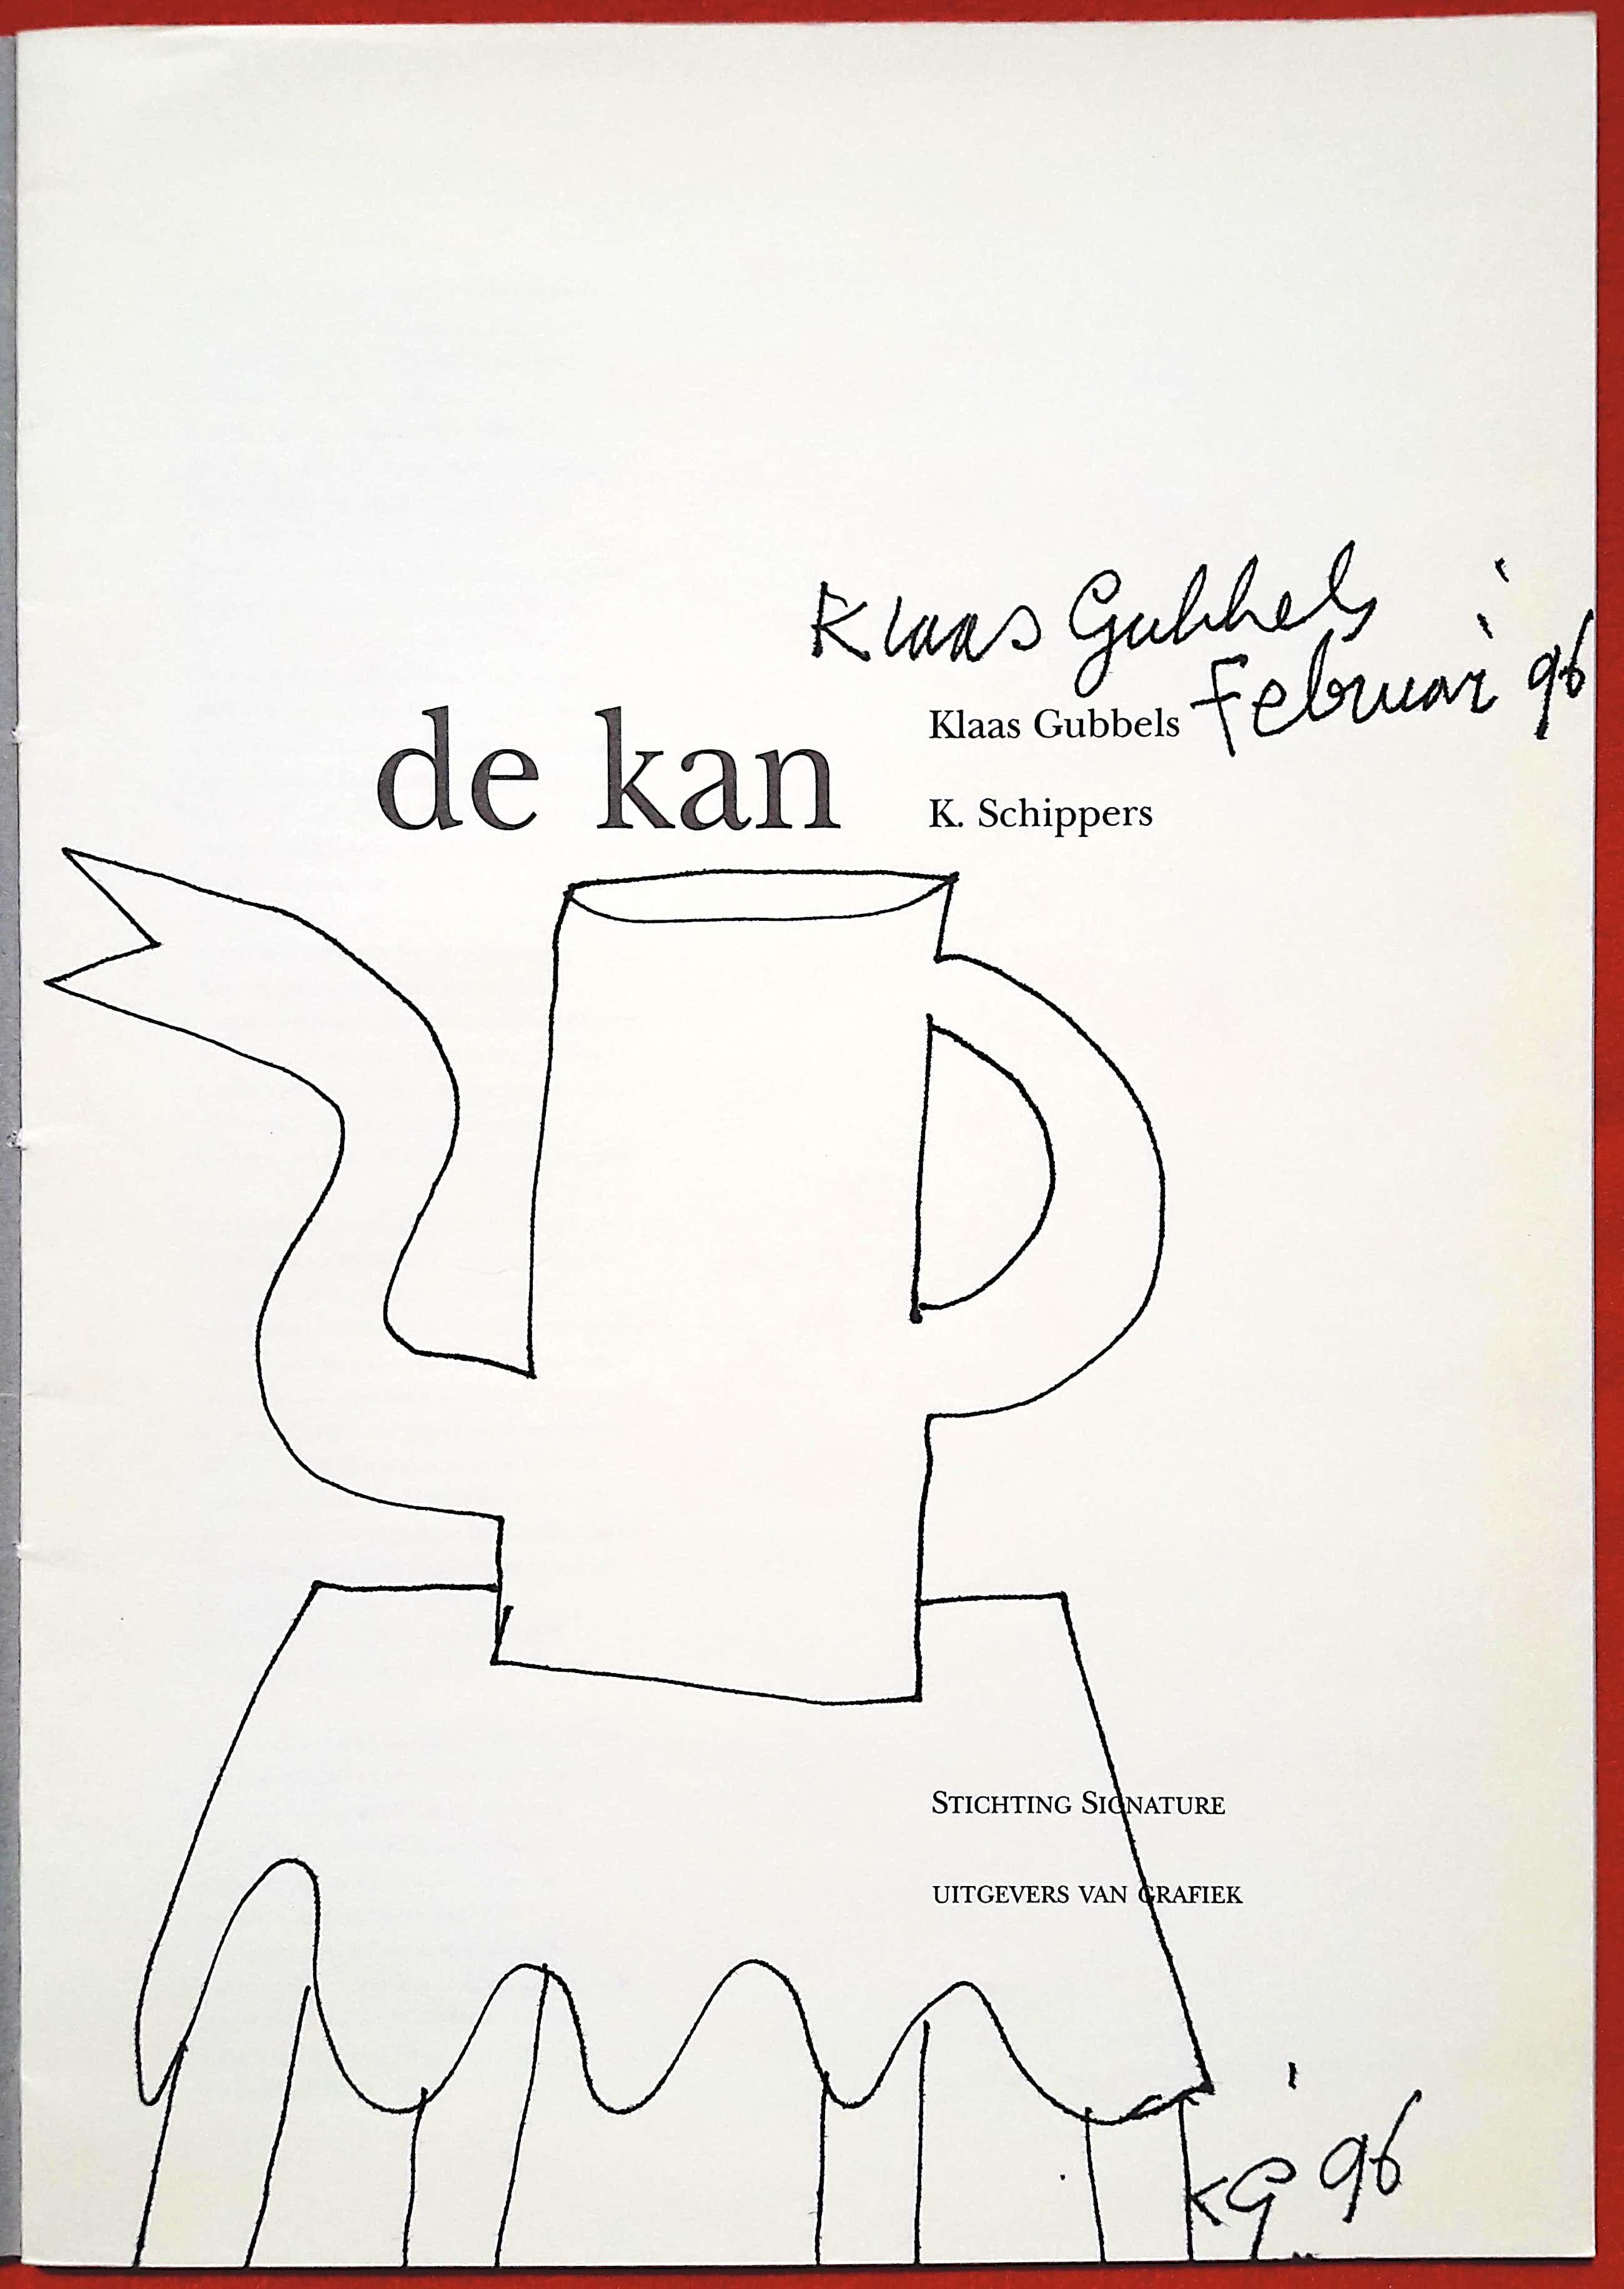 Klaas Gubbels - Signature no. 7, publicatie met originele tekening kopen? Bied vanaf 100!